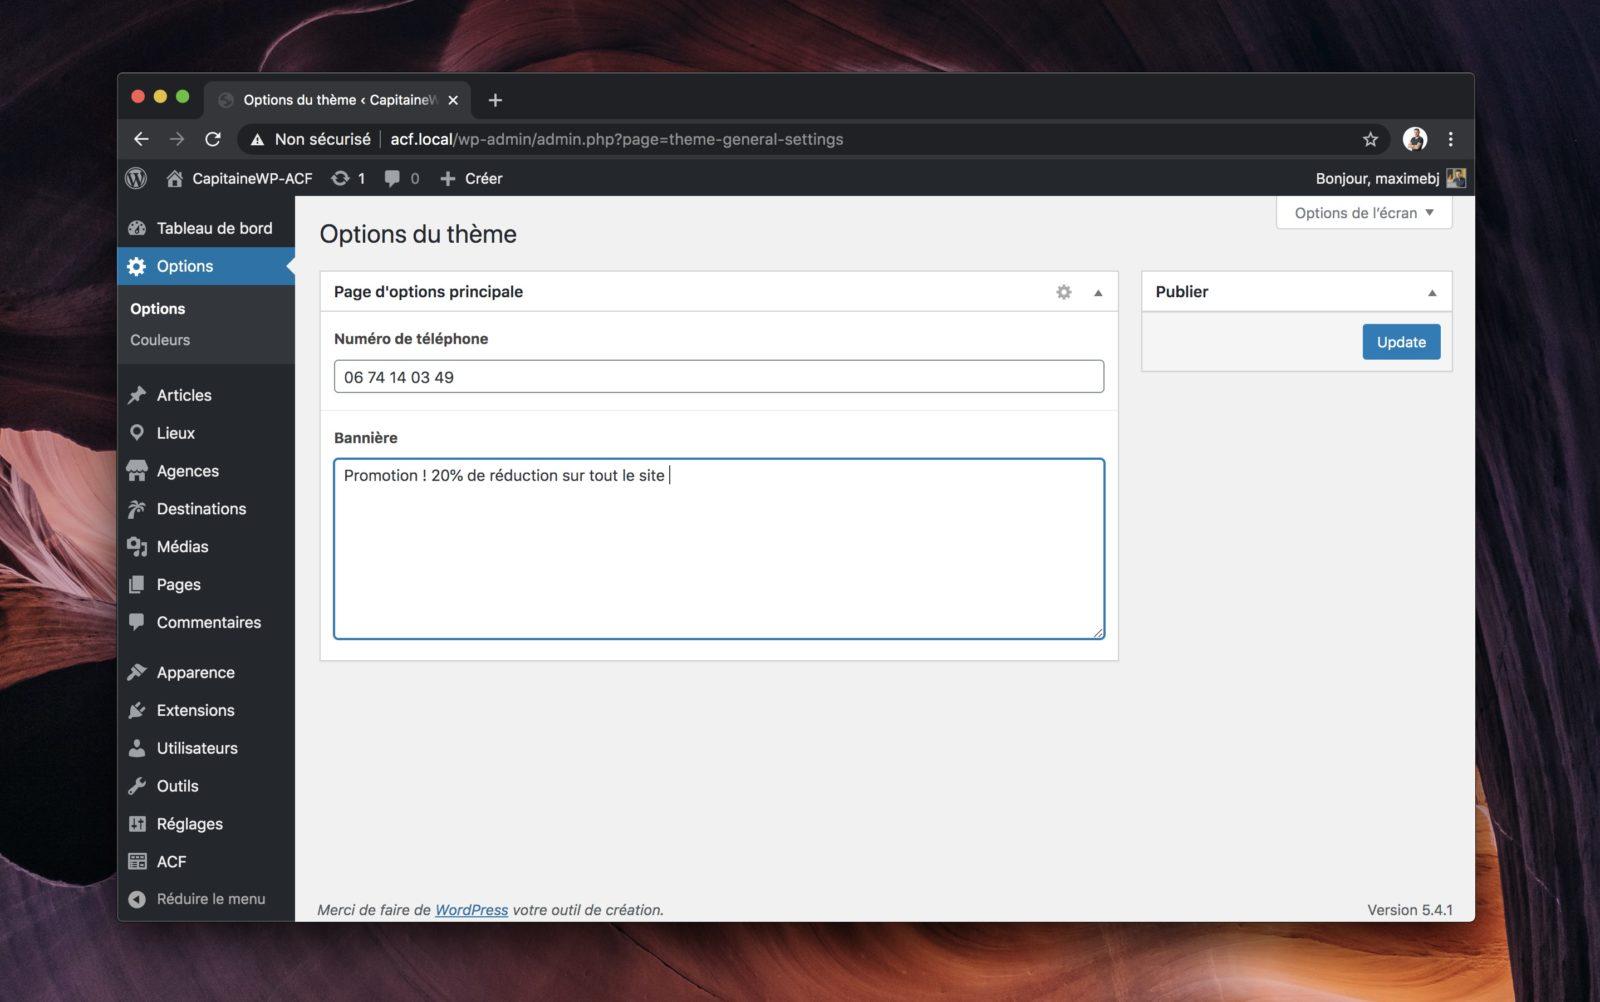 Capture d'écran d'une page d'options réalisée avec ACF